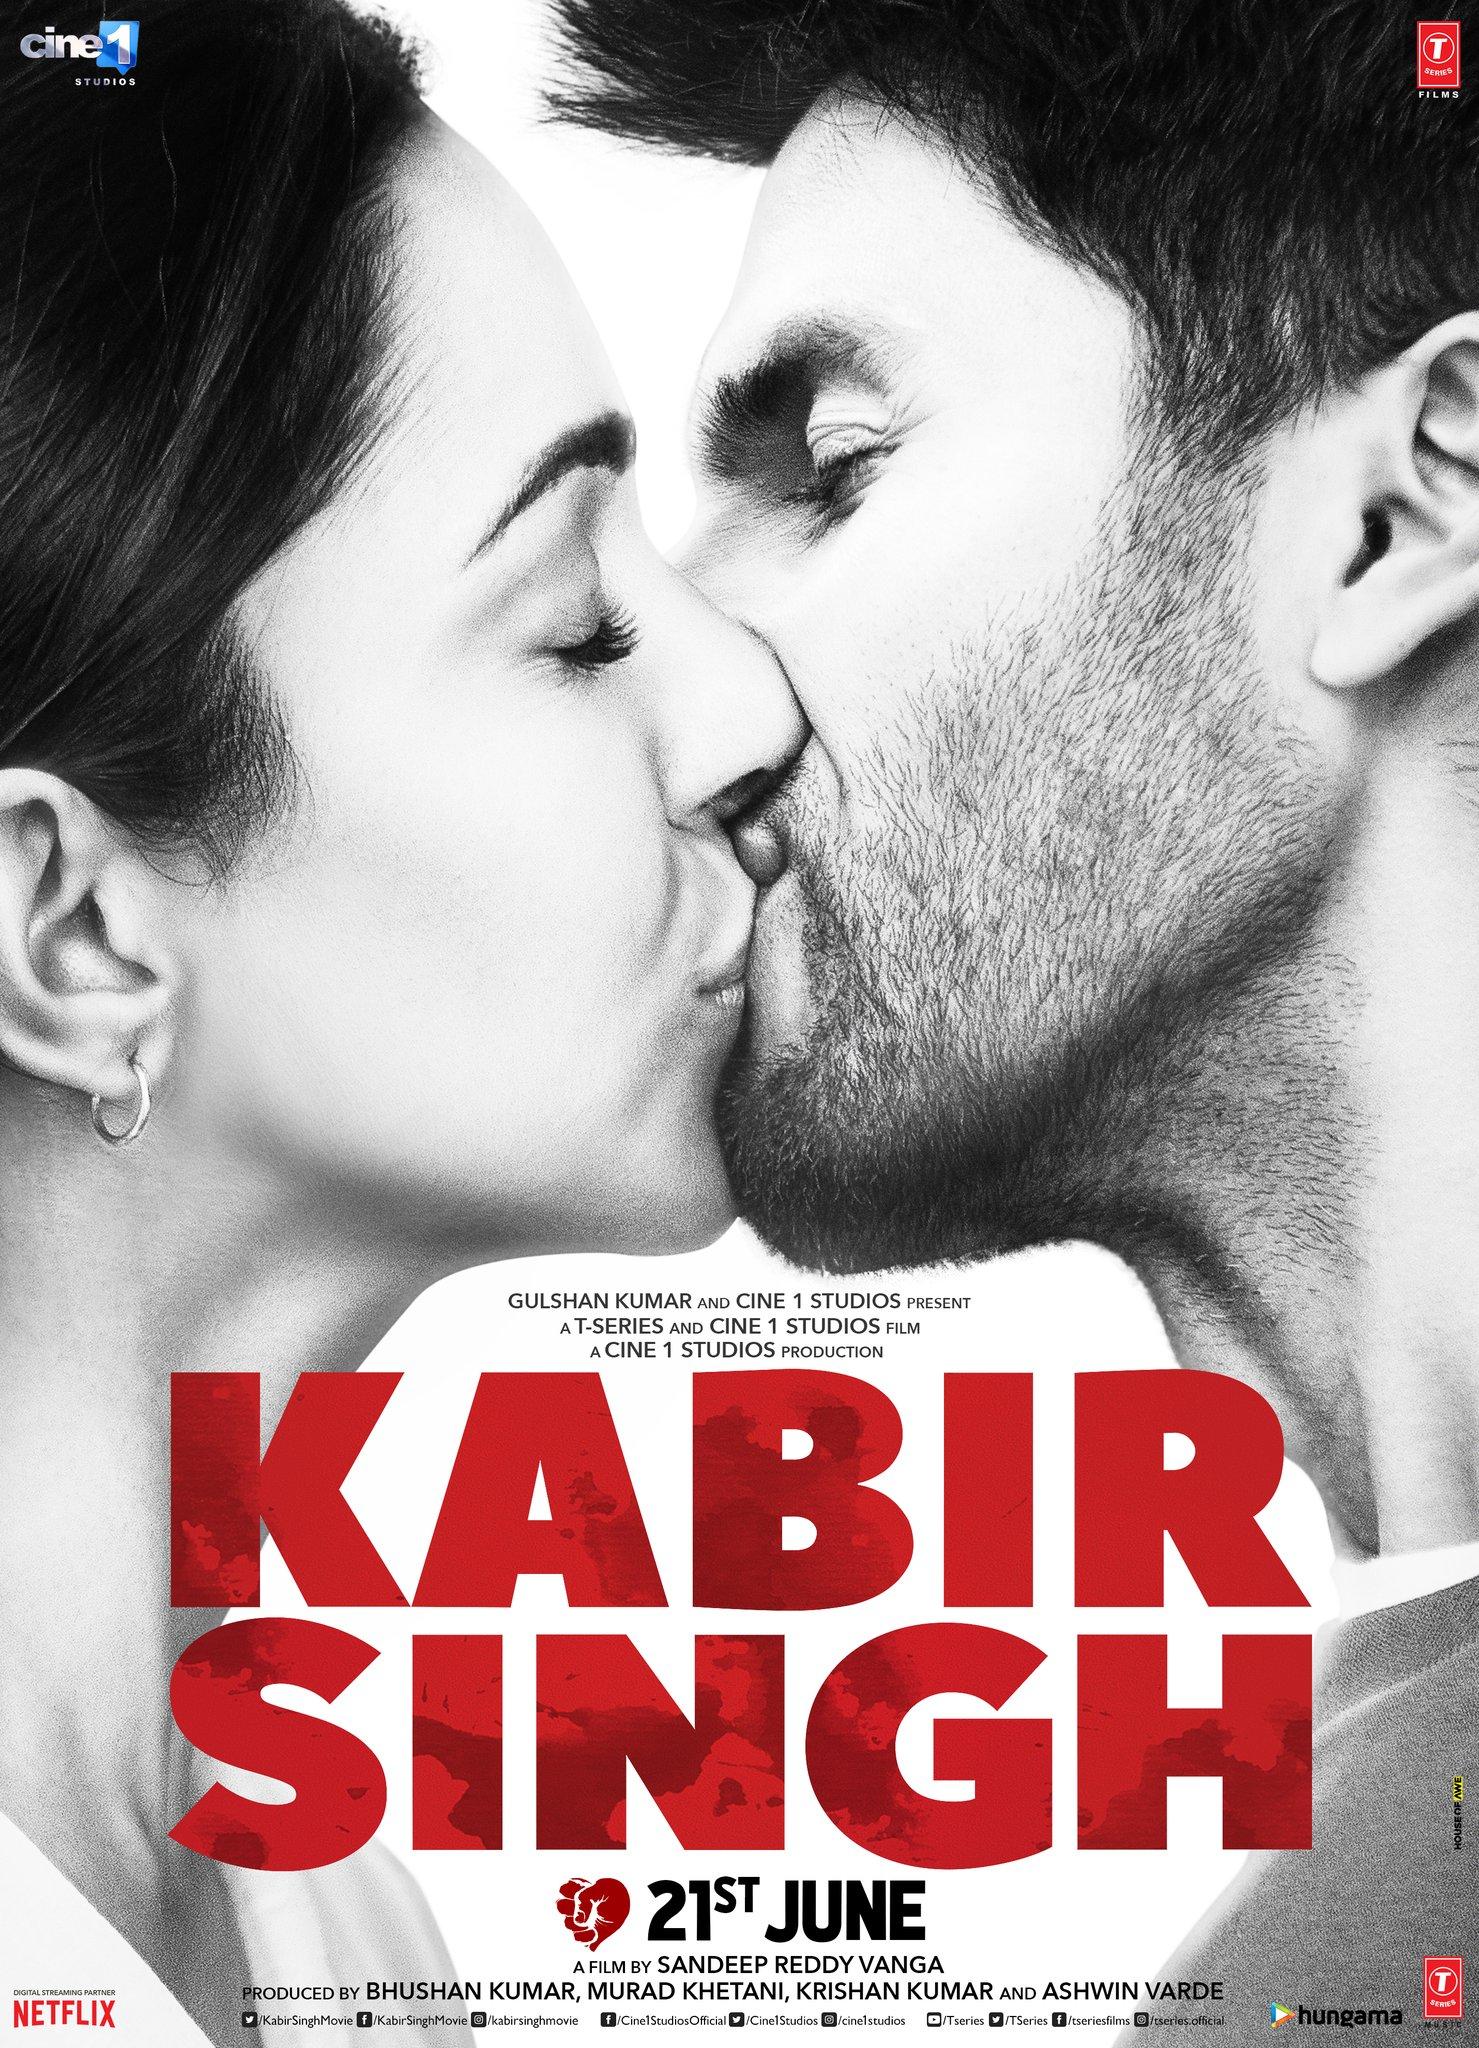 Kabir Singh Movie Fully Leaked Online By Tamilrockers